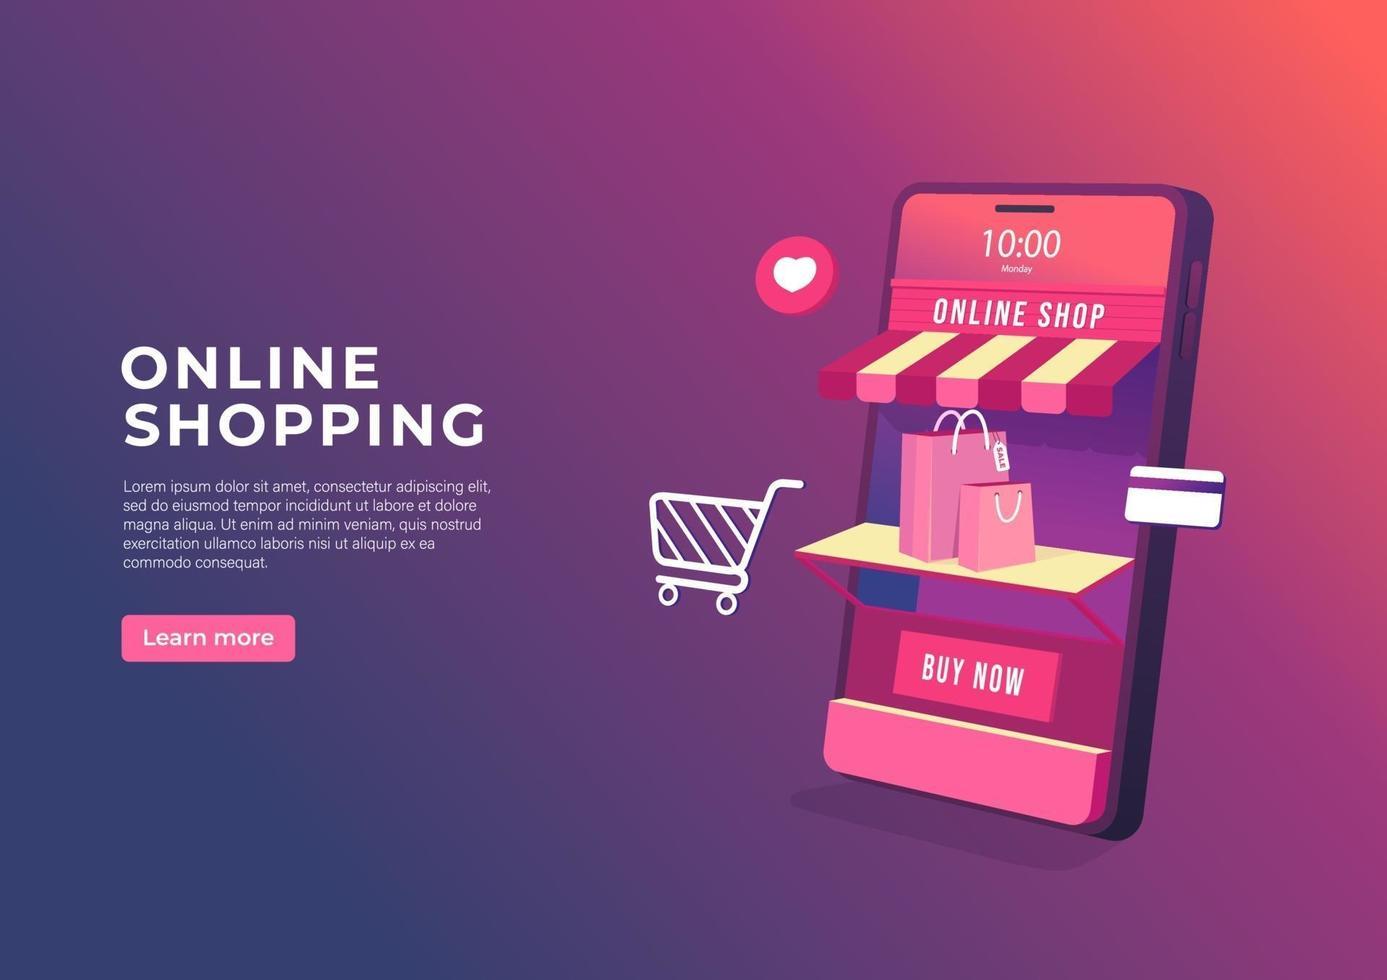 compras en línea en banner de aplicaciones móviles. Tienda en línea 3d en la plantilla de banner de teléfono móvil. vector